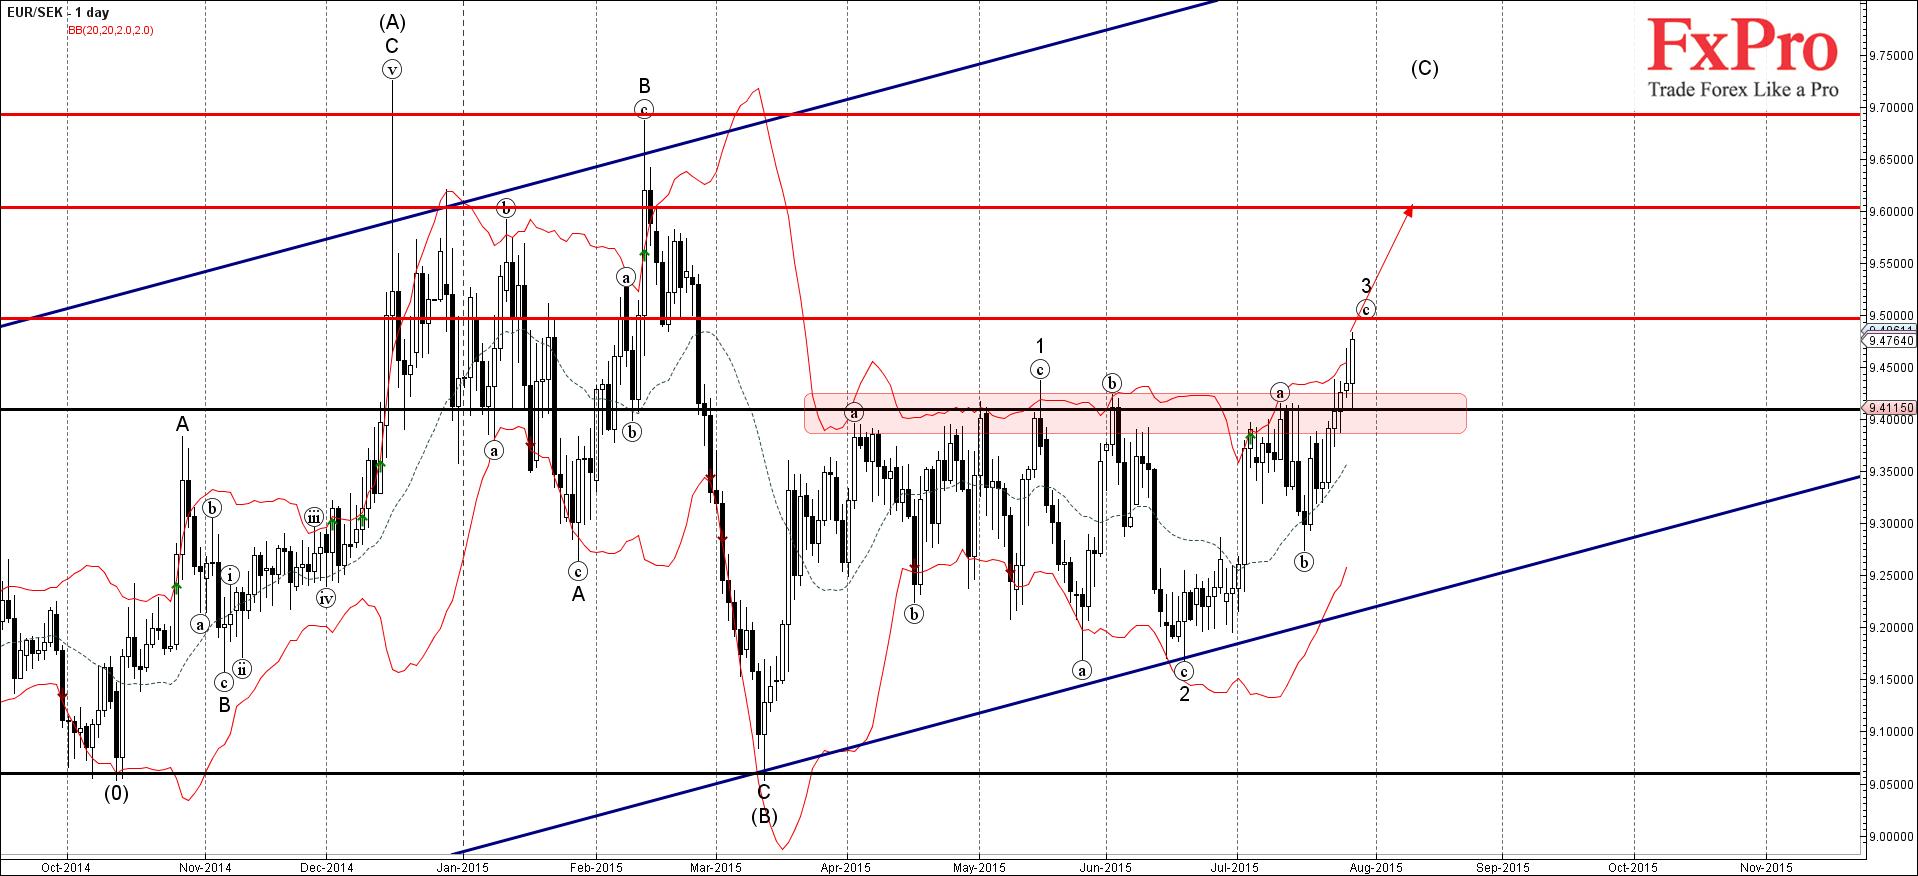 EUR/SEK продолжает расти после недавнего прорыва 9.4000